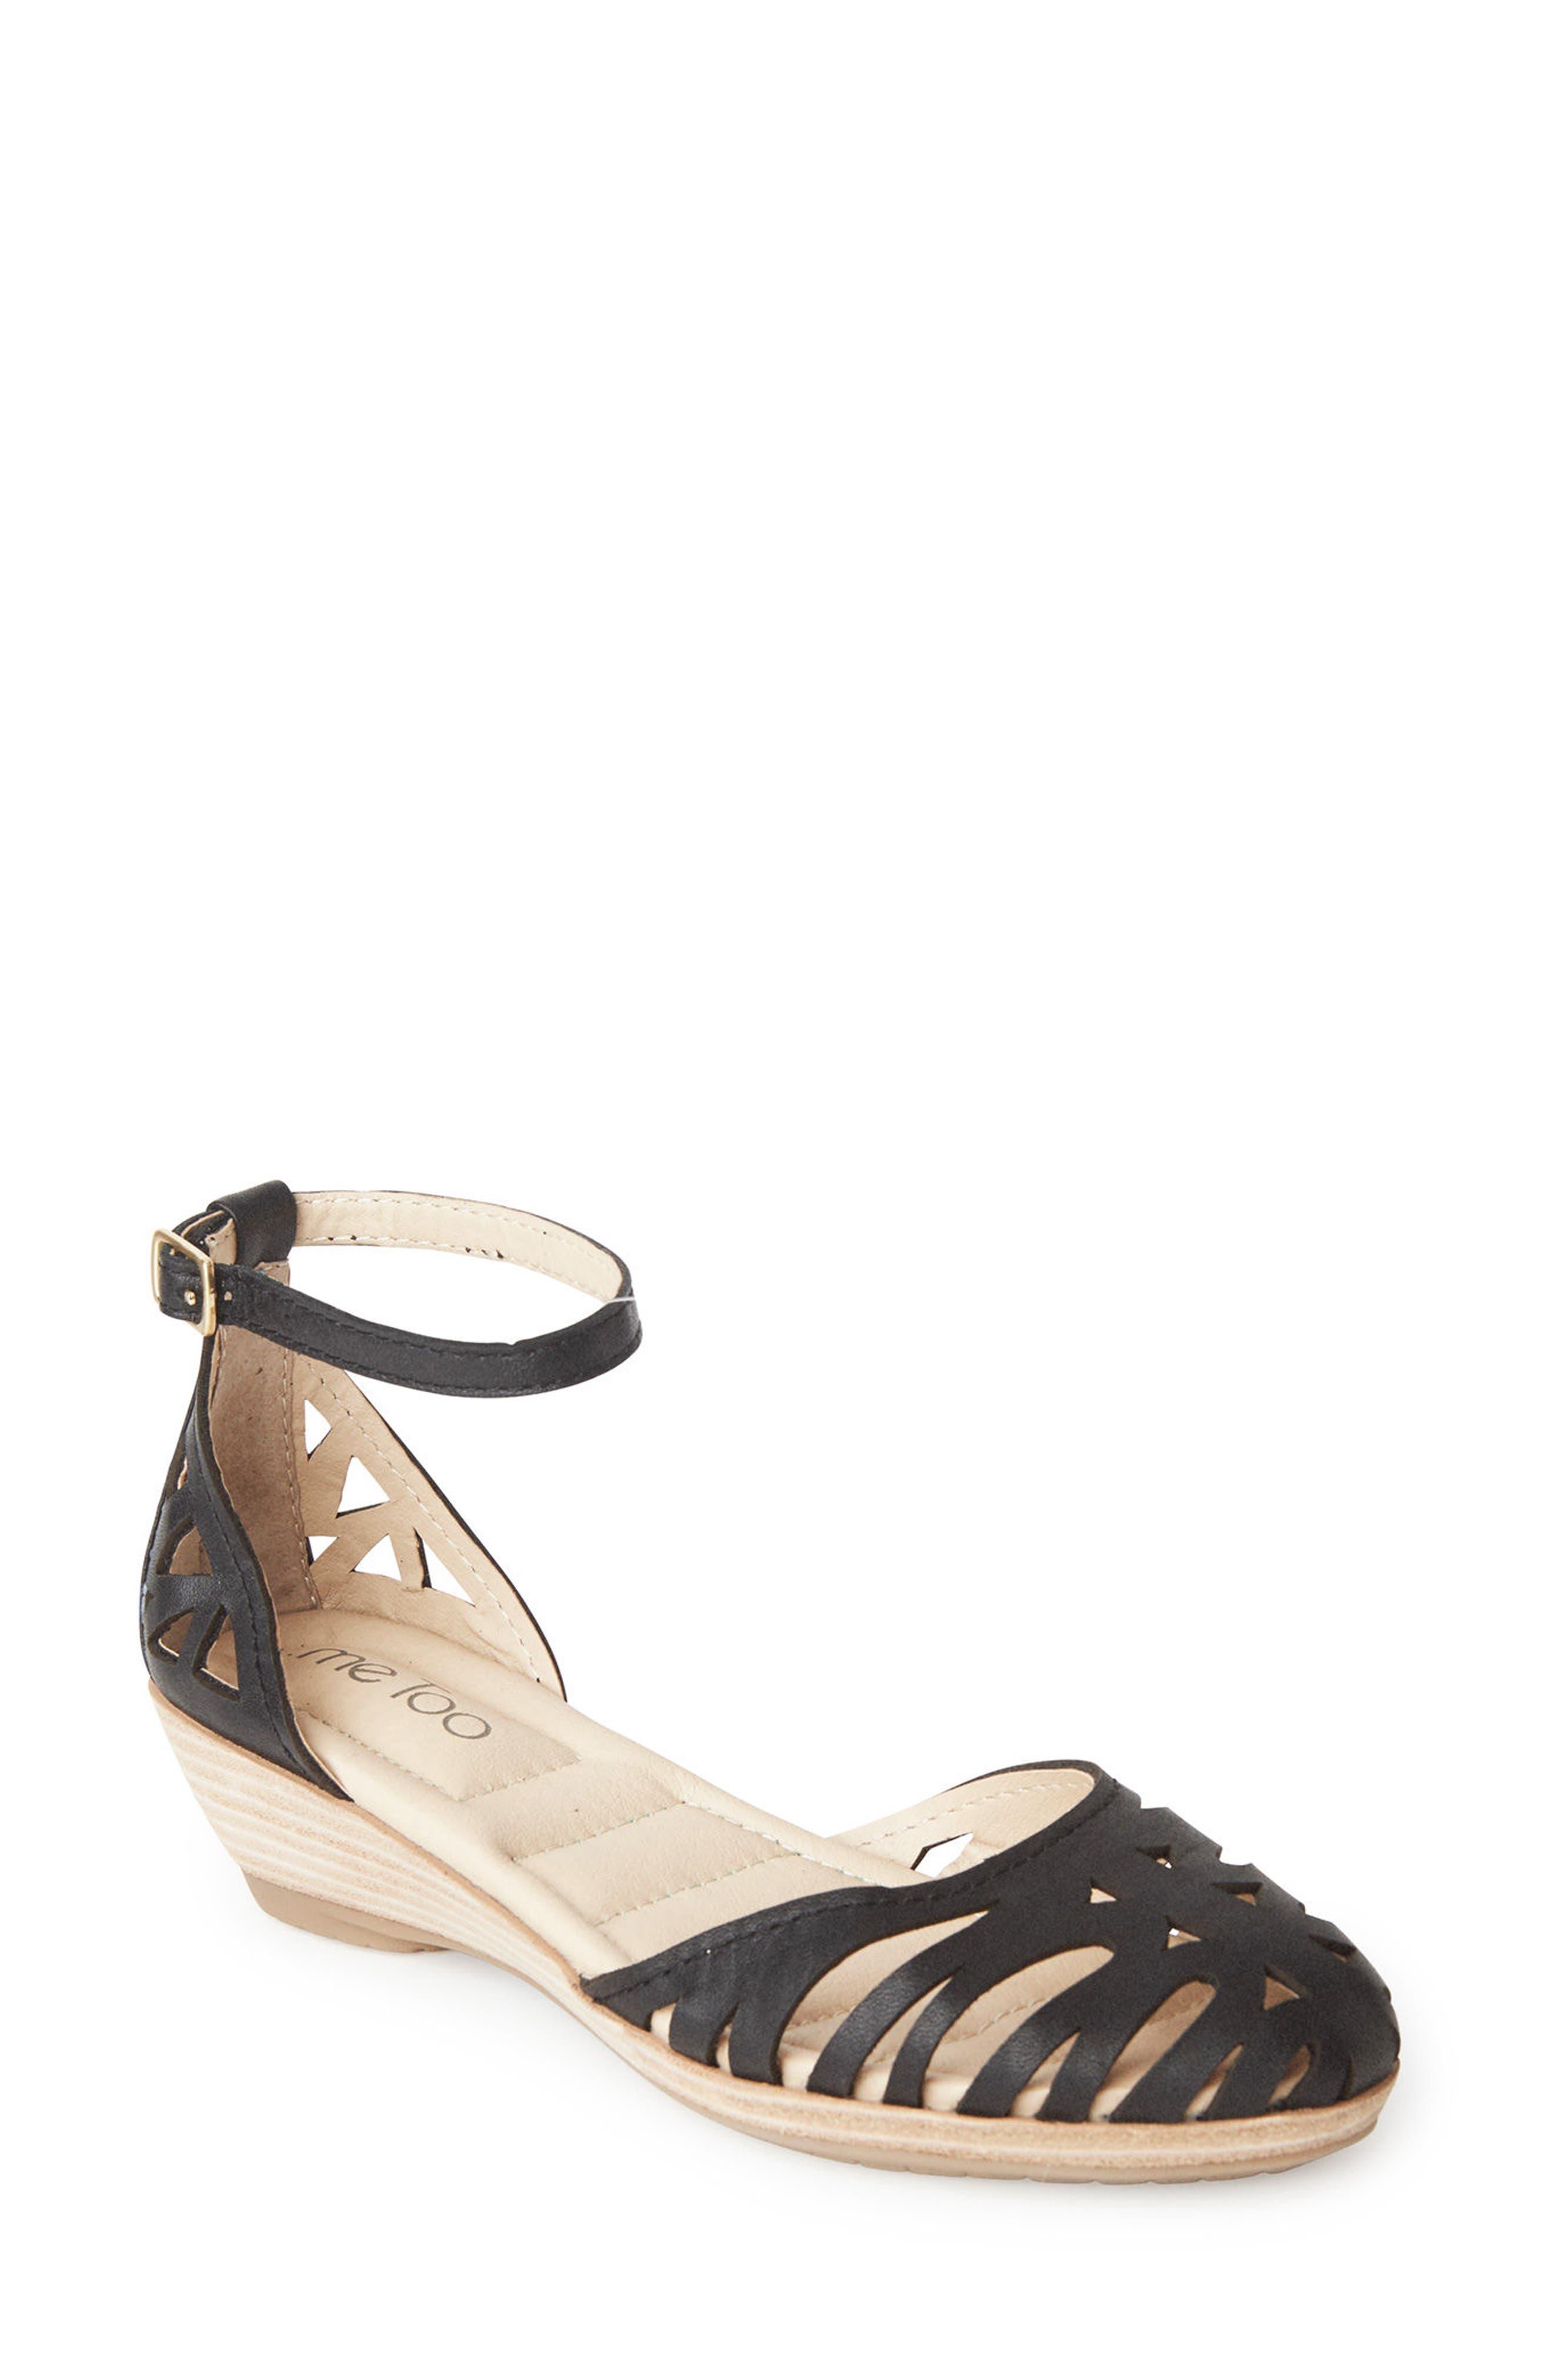 Nalani Ankle Strap Sandal,                             Main thumbnail 1, color,                             010